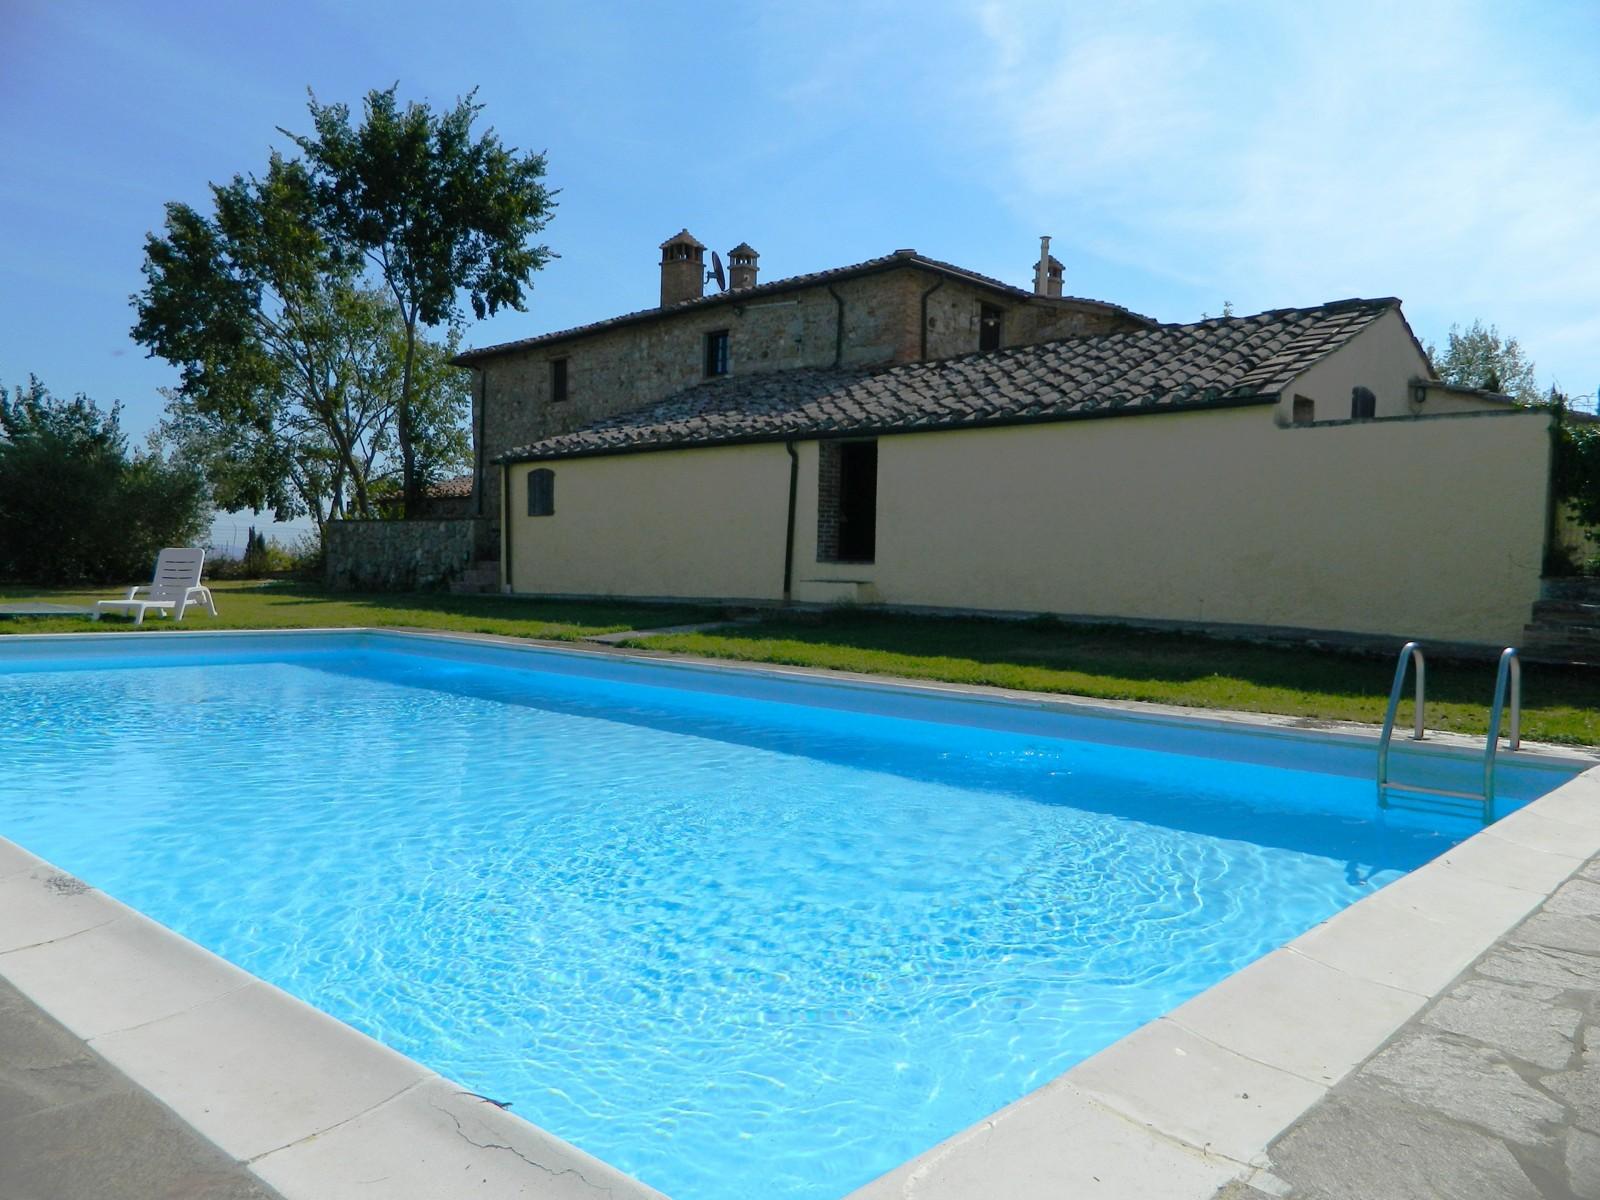 Casale Stine_Monteroni d'Arbia_1